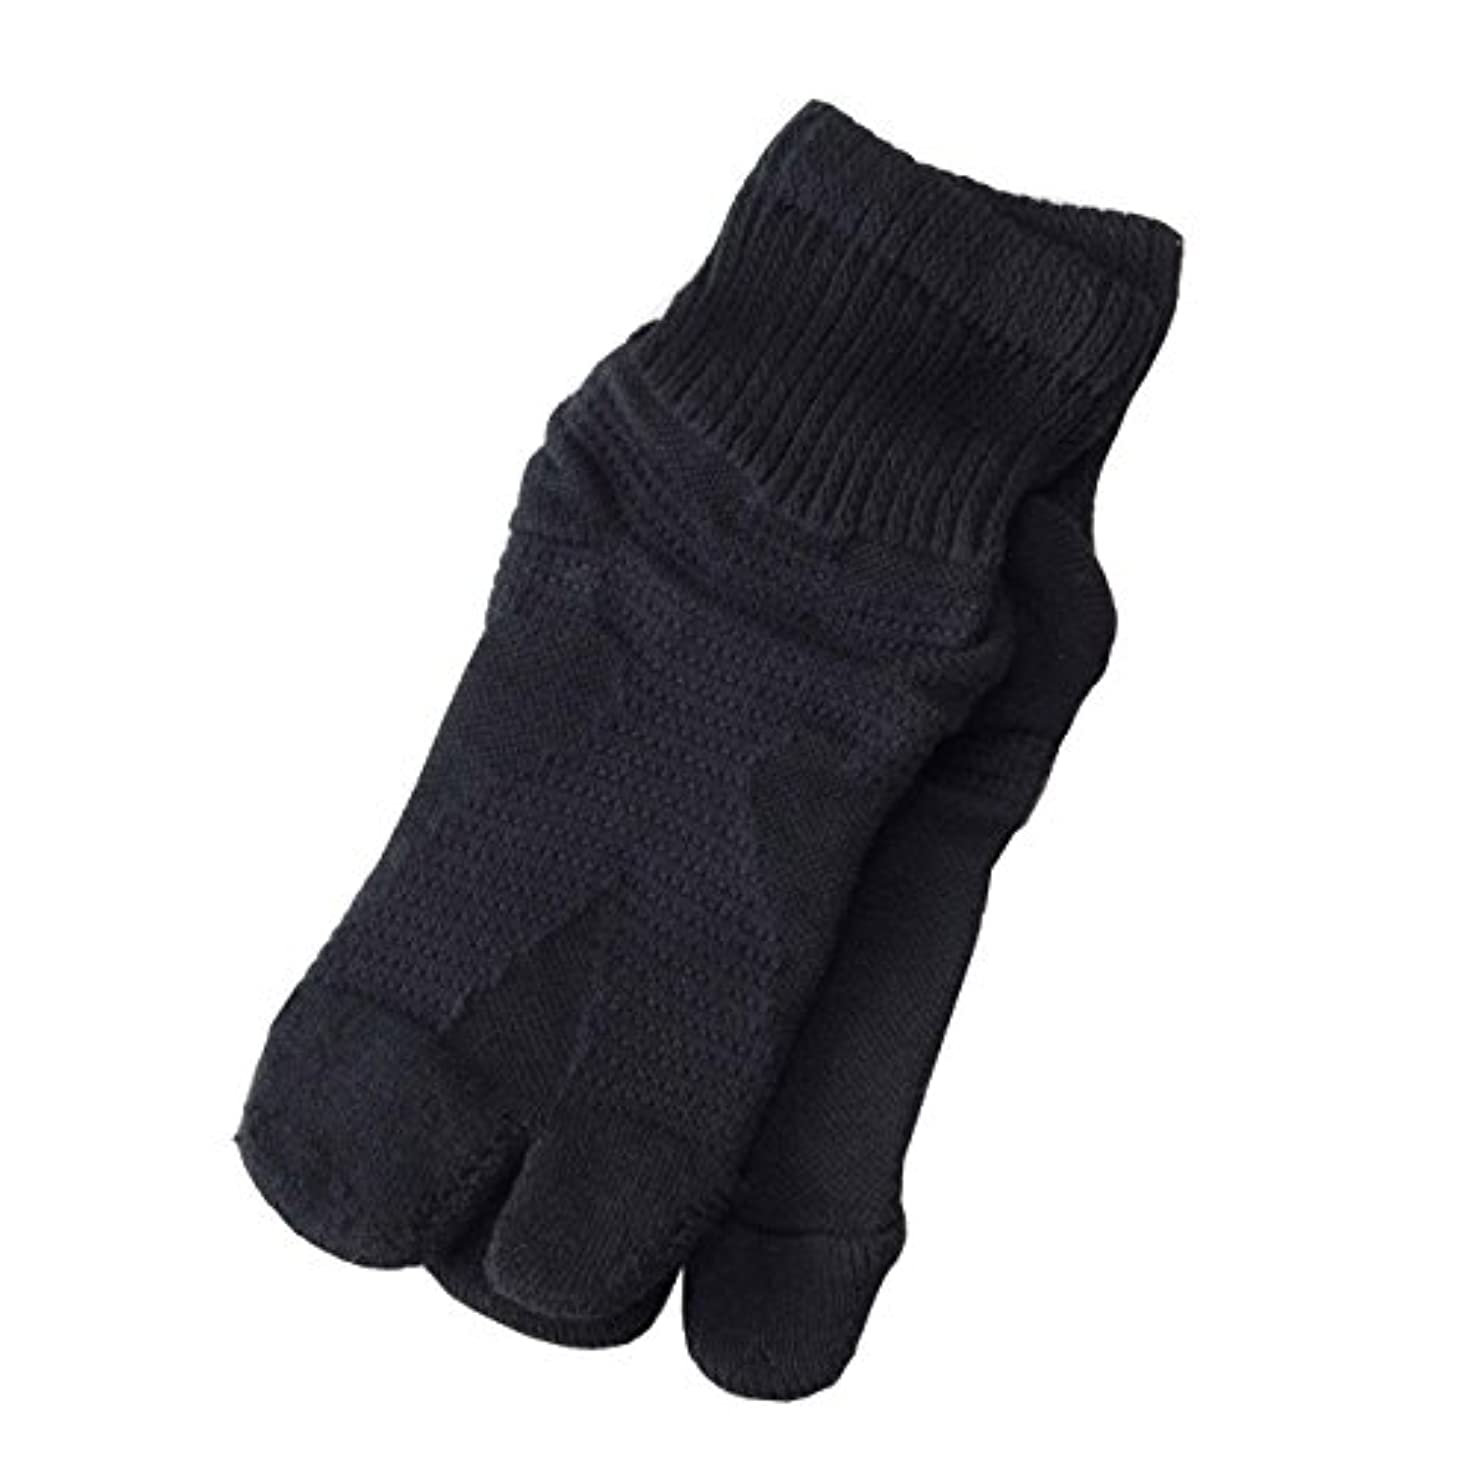 雷雨汚染ブース日本製歩行サポート足袋ソックス (ブラック, 23~25cm)